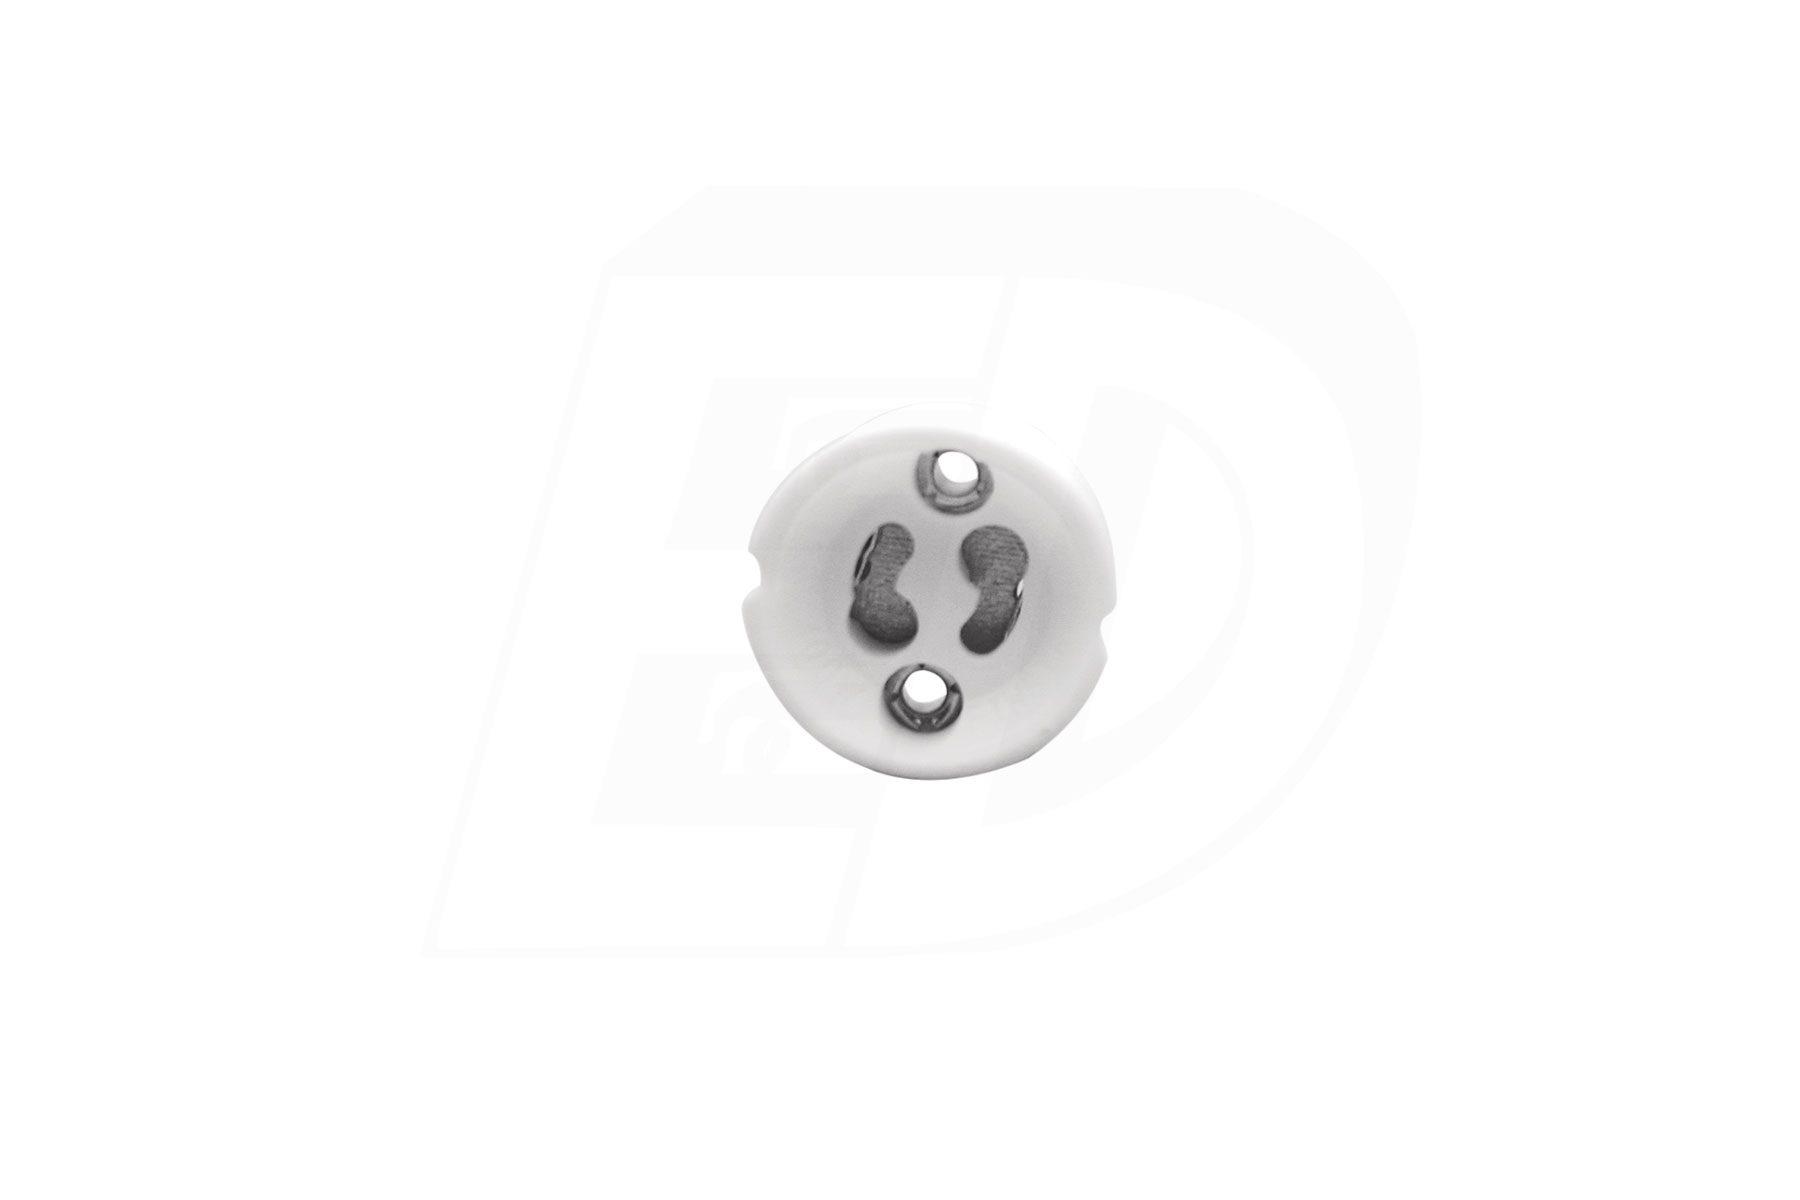 GU10 Halogen Light Socket